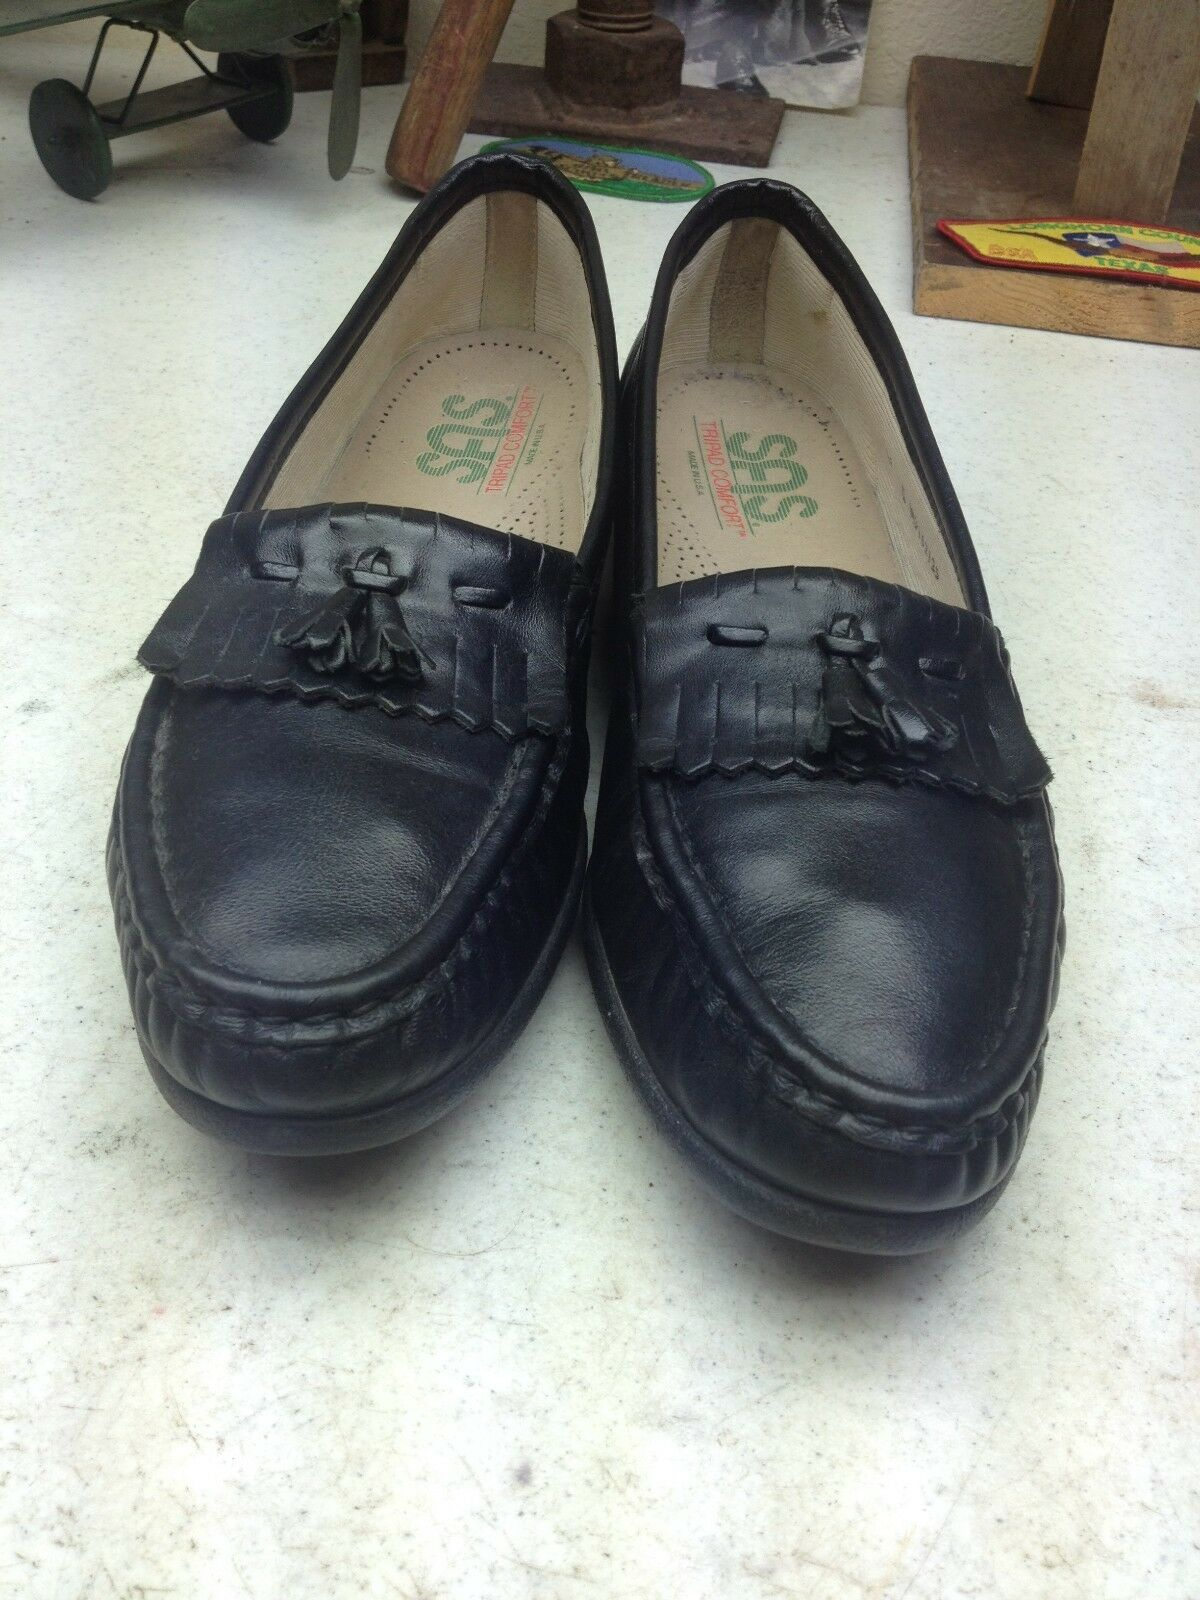 SAS USA nero  LEATHER TASSLE KILTIE SLIP SU WALDING scarpe 11  presentando tutte le ultime tendenze della moda